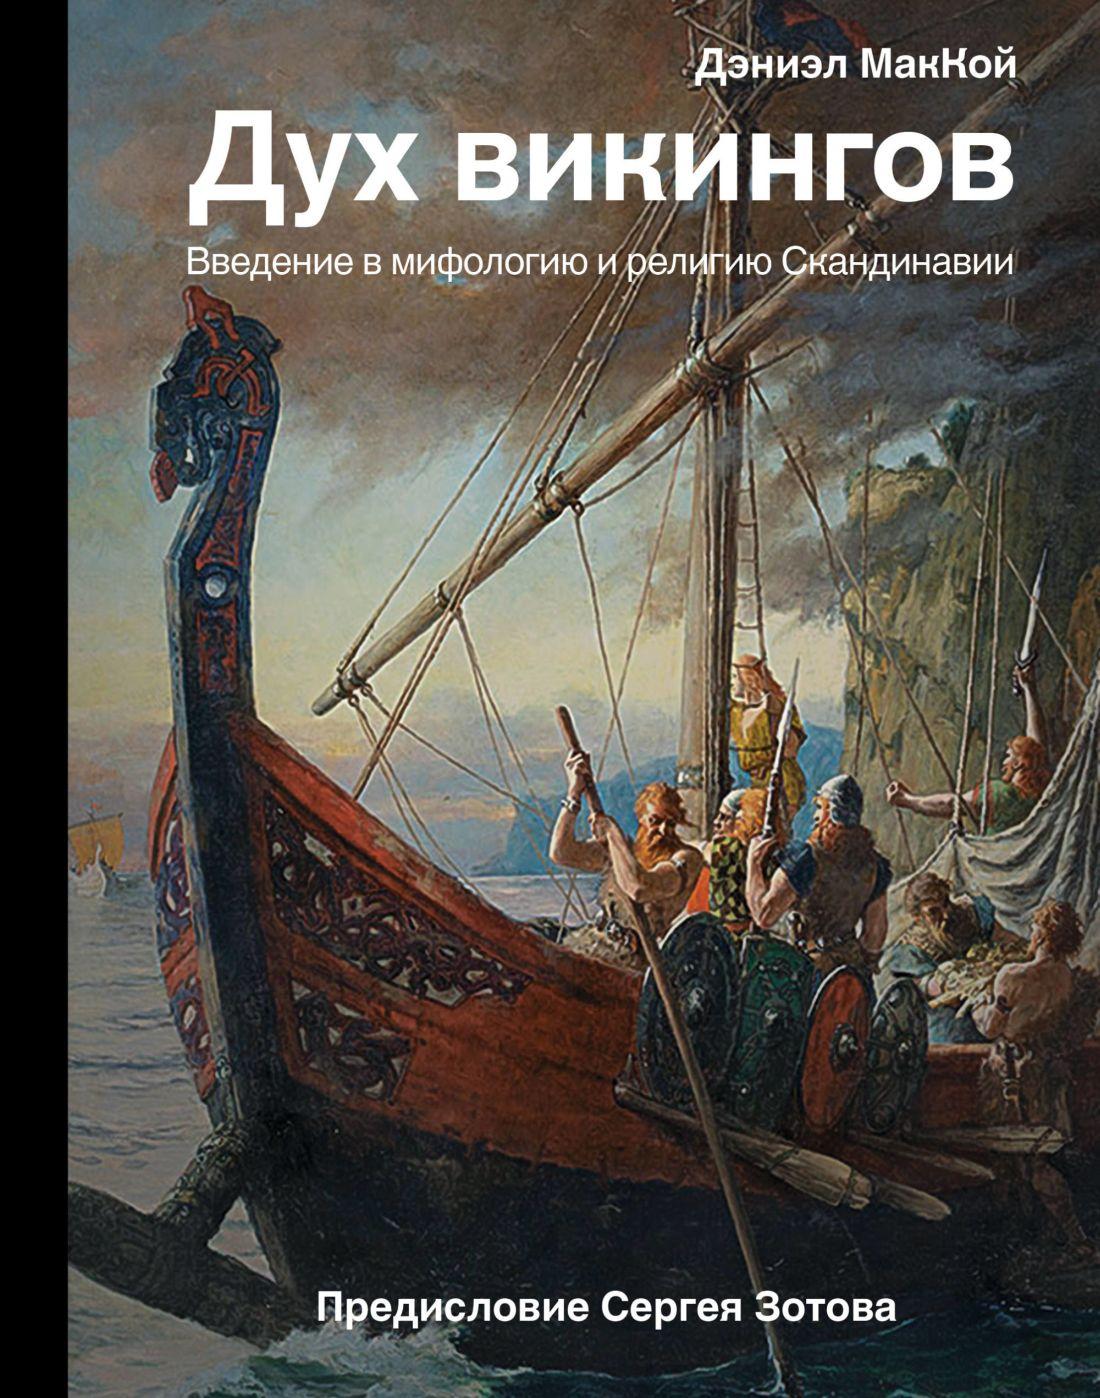 Дух викингов. Введение в мифологию и религию Скандинавии